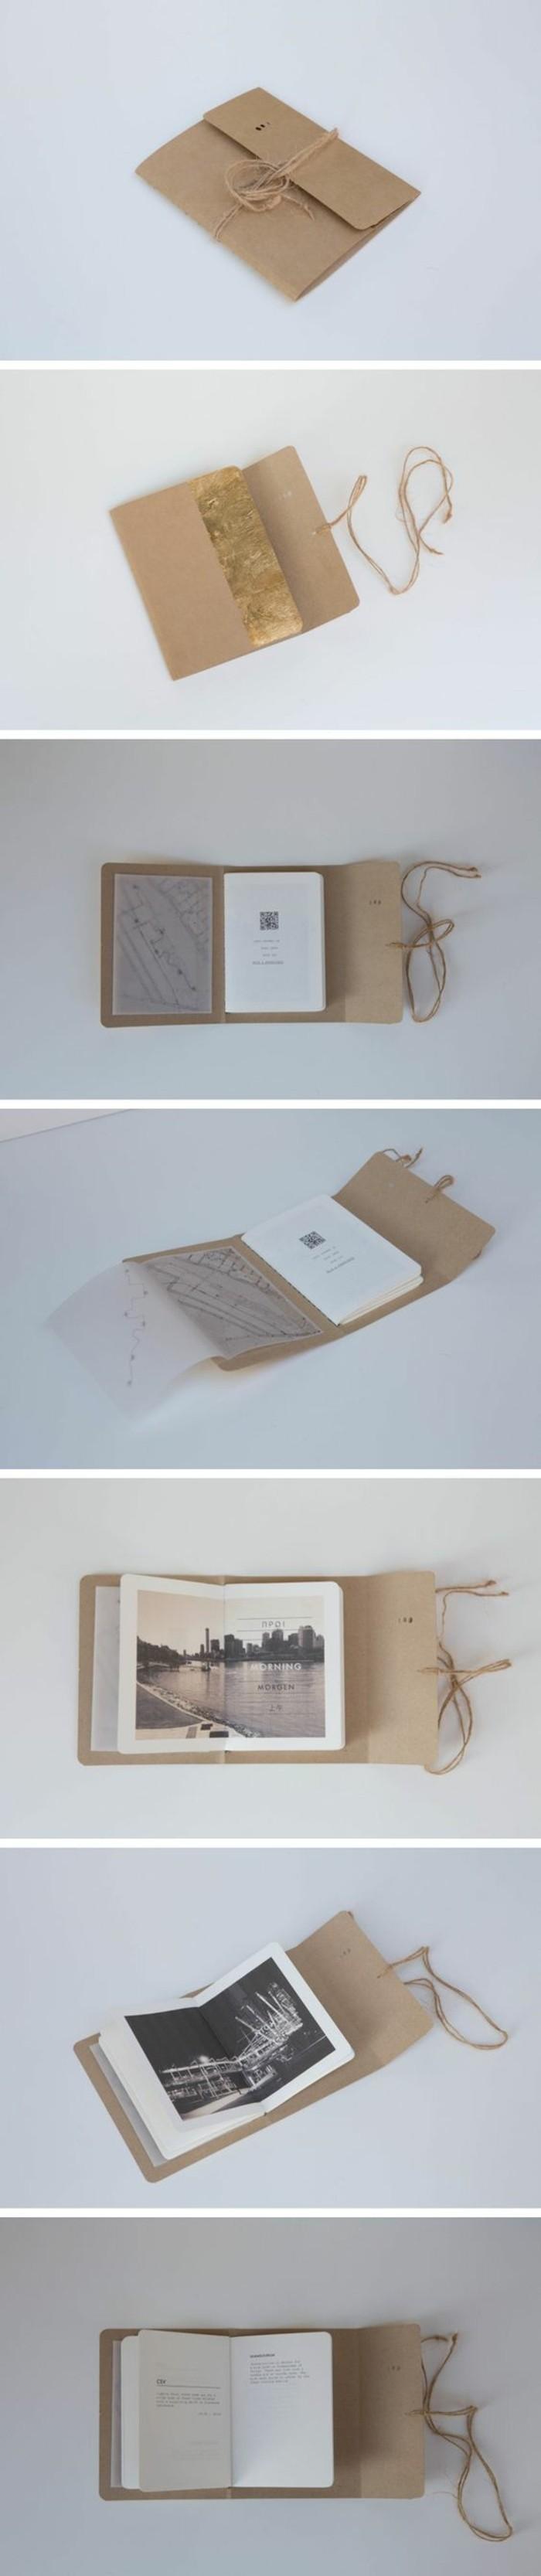 buchumschlag-selber-machen-buch-selbst-gestalten-papier-buchumschlag-selber-machen